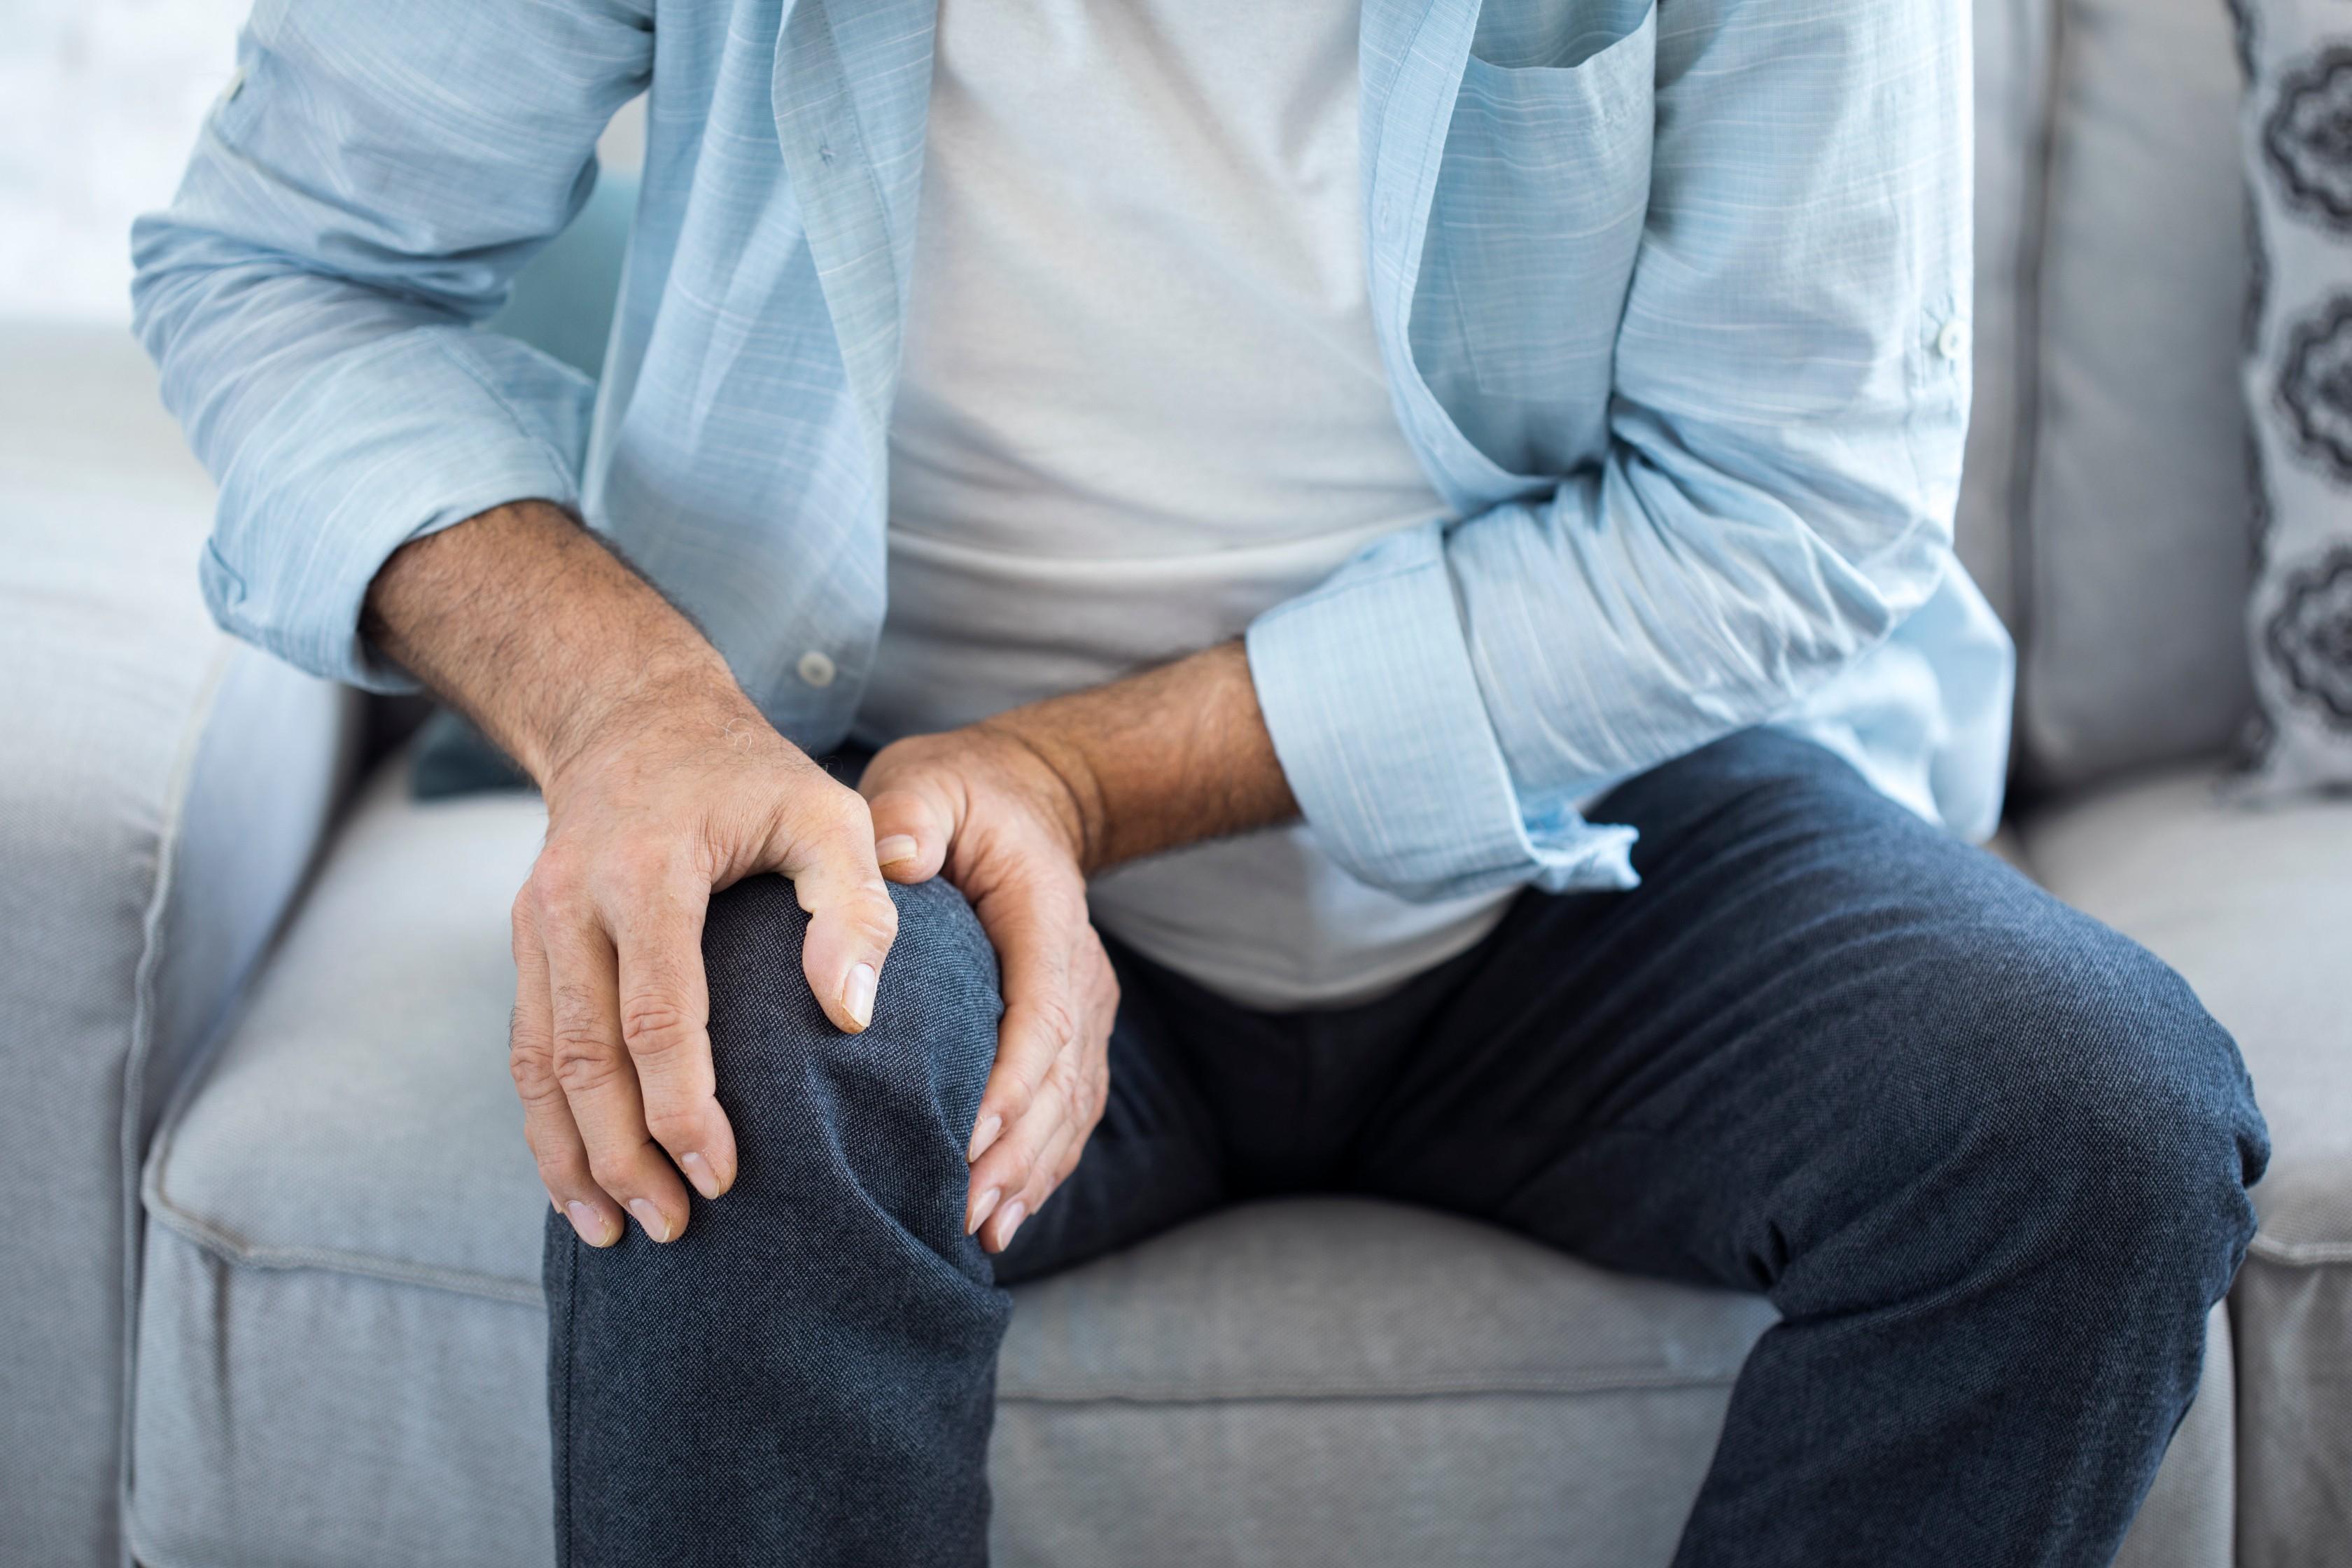 térdízületi fájdalomcsillapítók